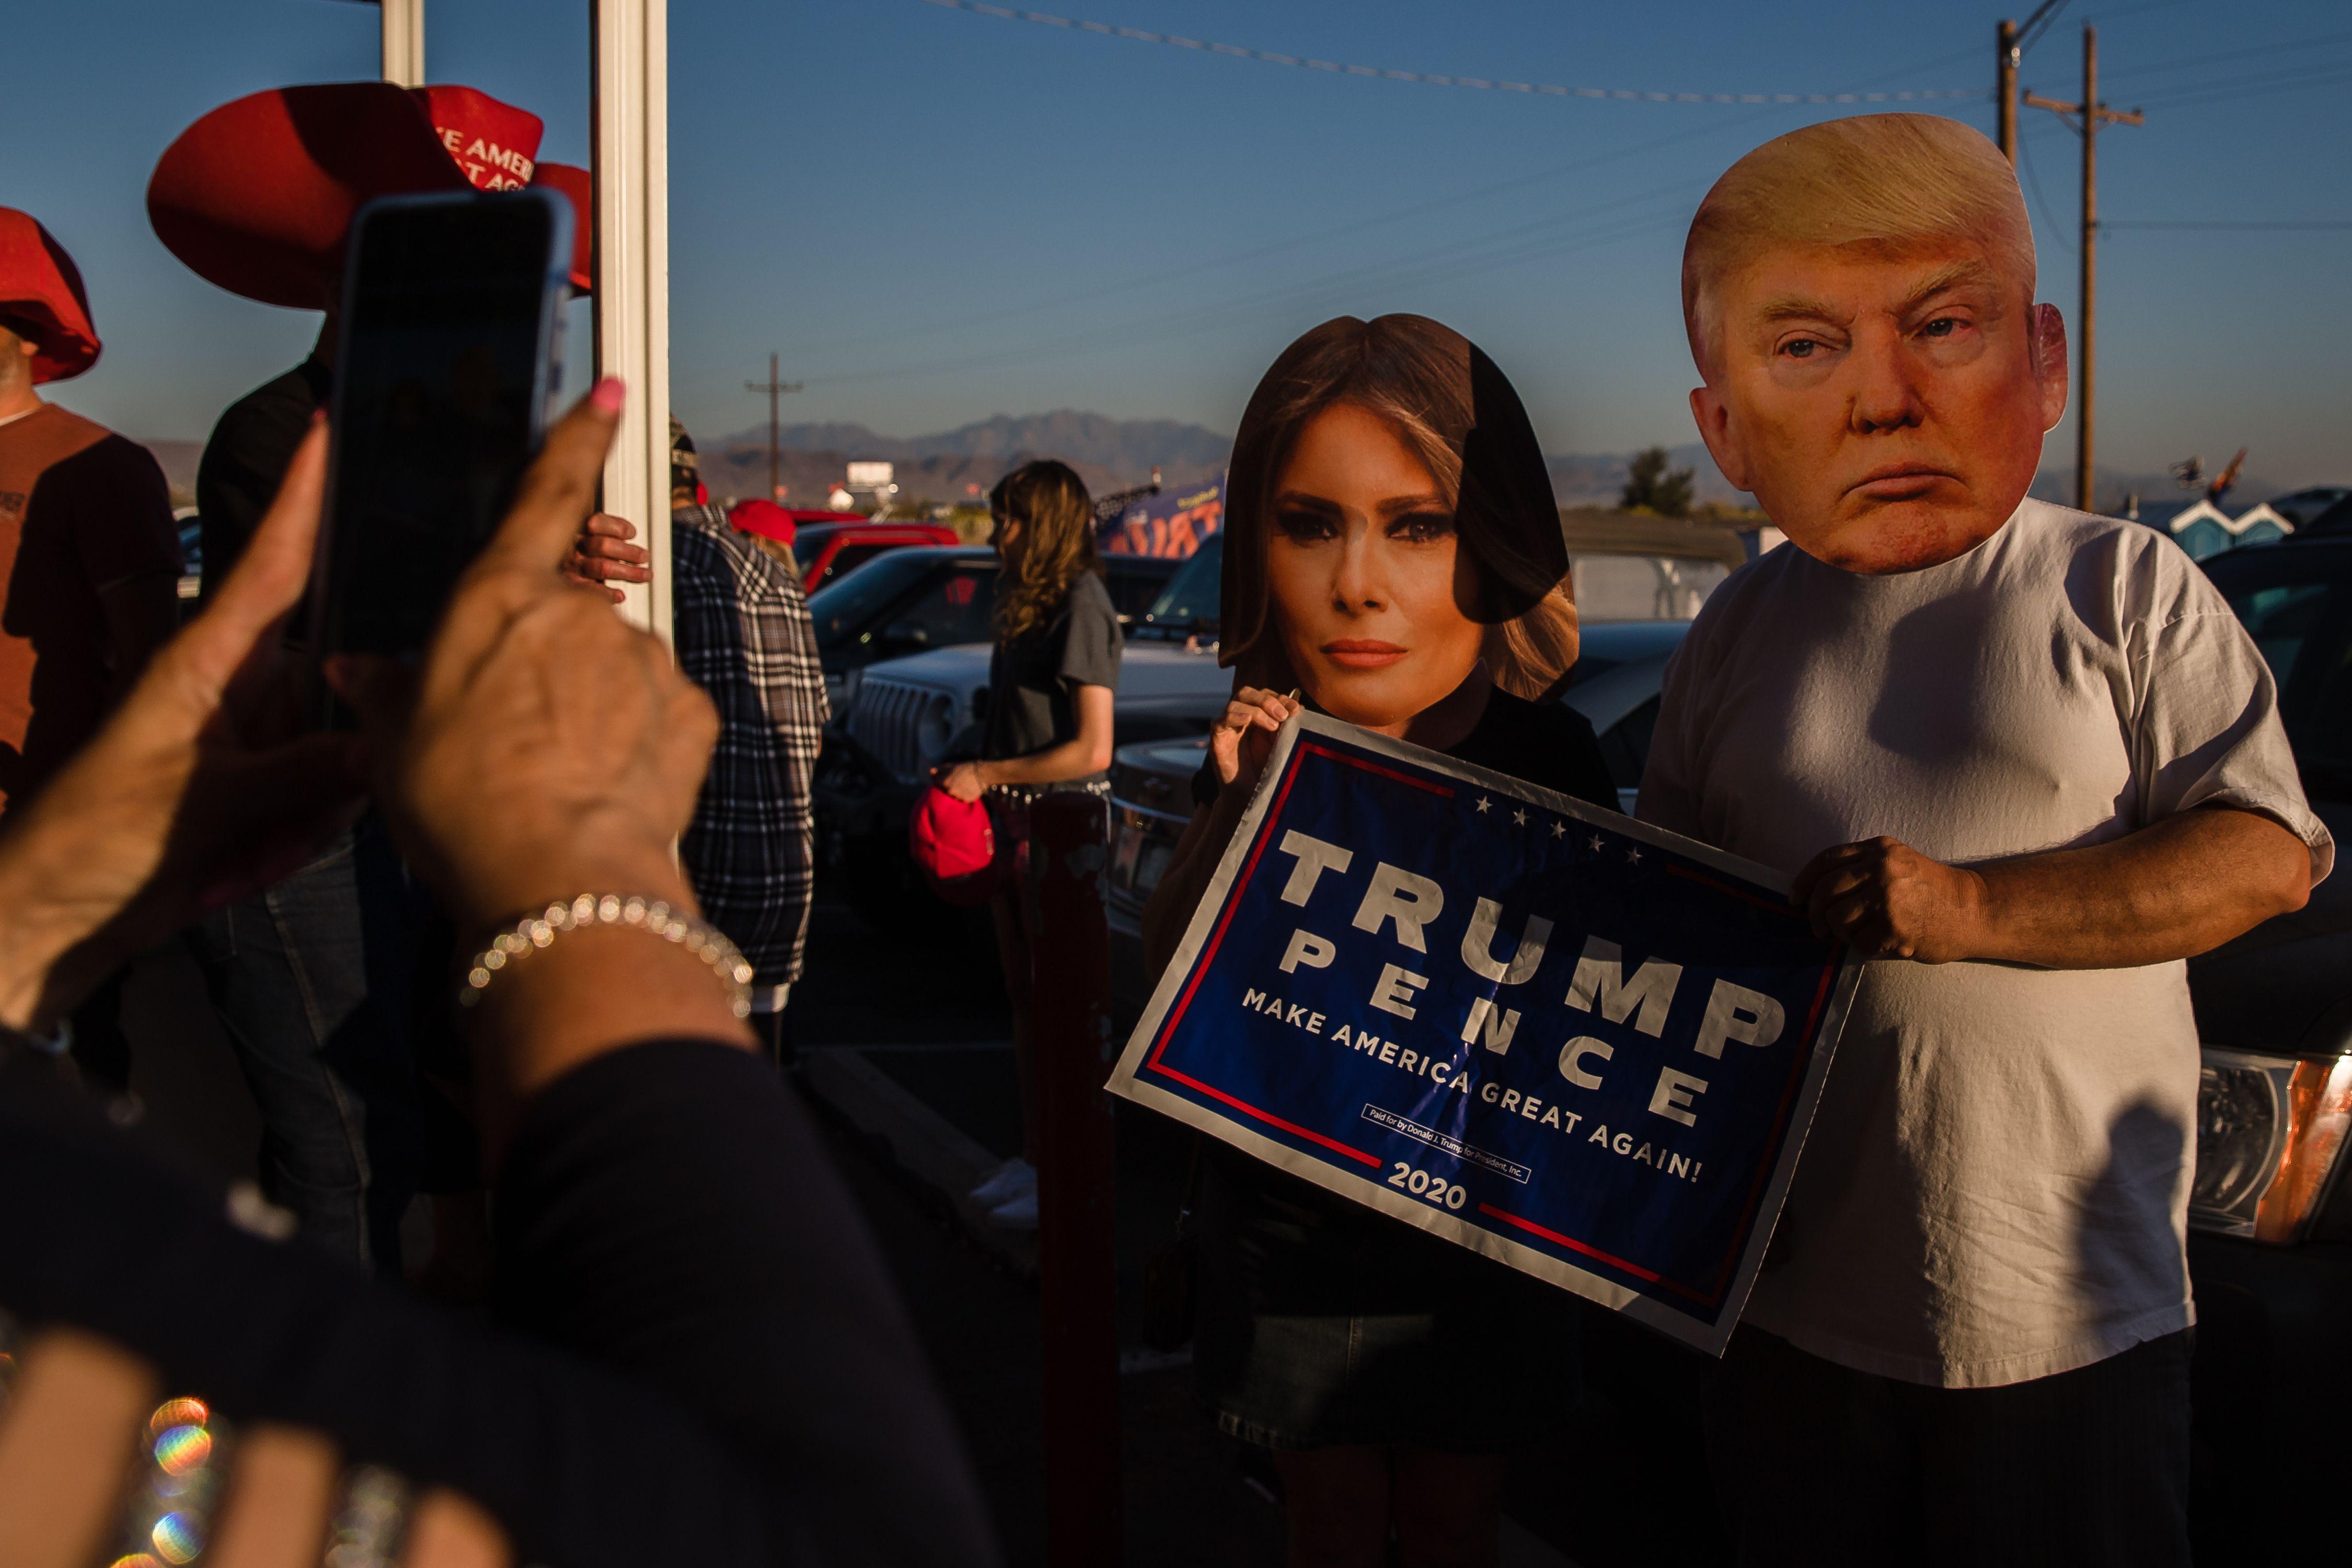 當地時間10月22日,人們聚集在亞利桑那州金谷舉行總統辯論觀察會時,一個戴着特朗普總統和梅拉尼亞總統面具的男人和女人在大美國披薩餐廳餐廳前合影。(法新社)